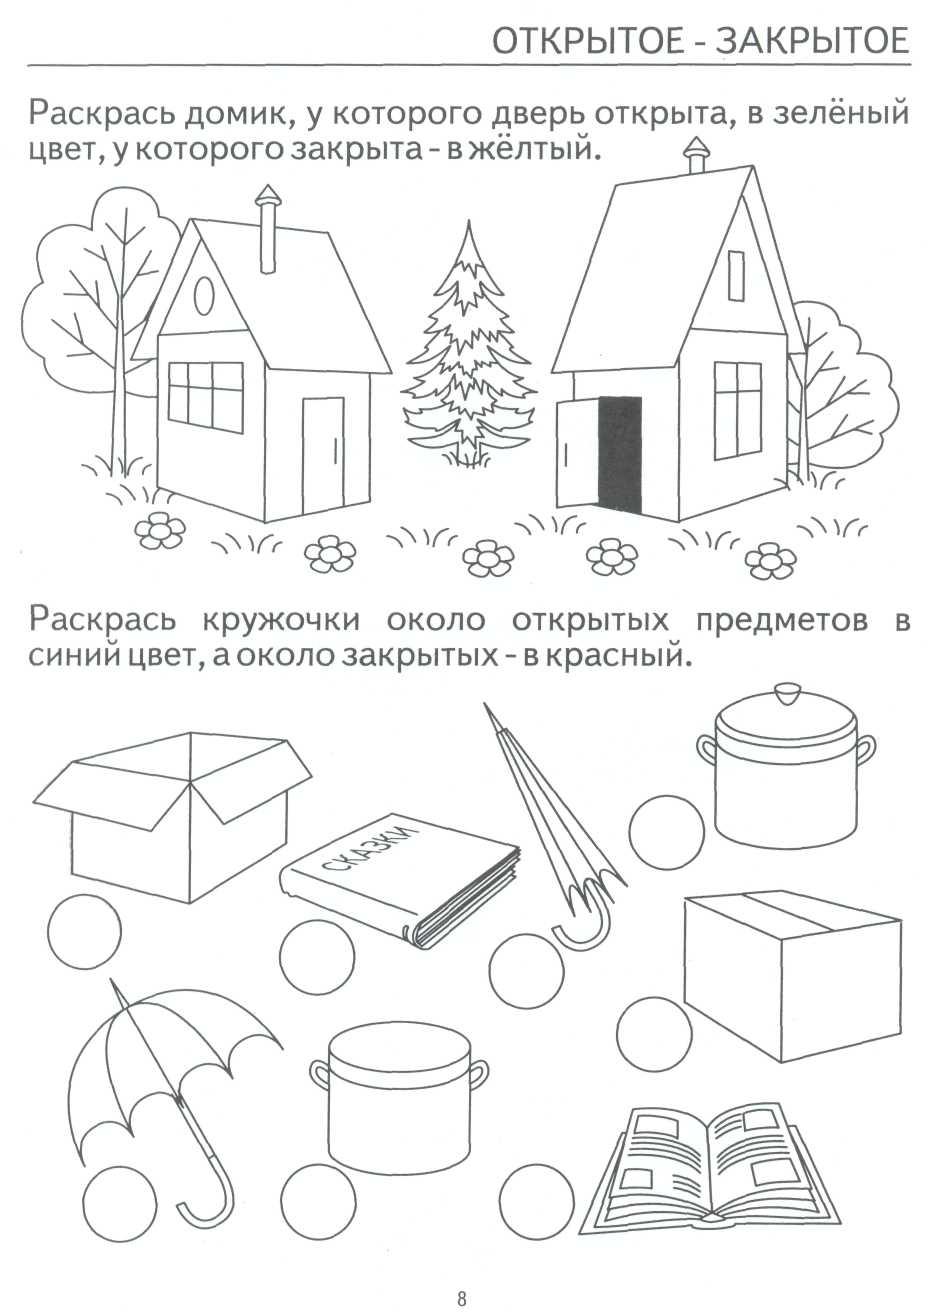 Развитие образного мышления и графических навыков у детей 5-7 лет